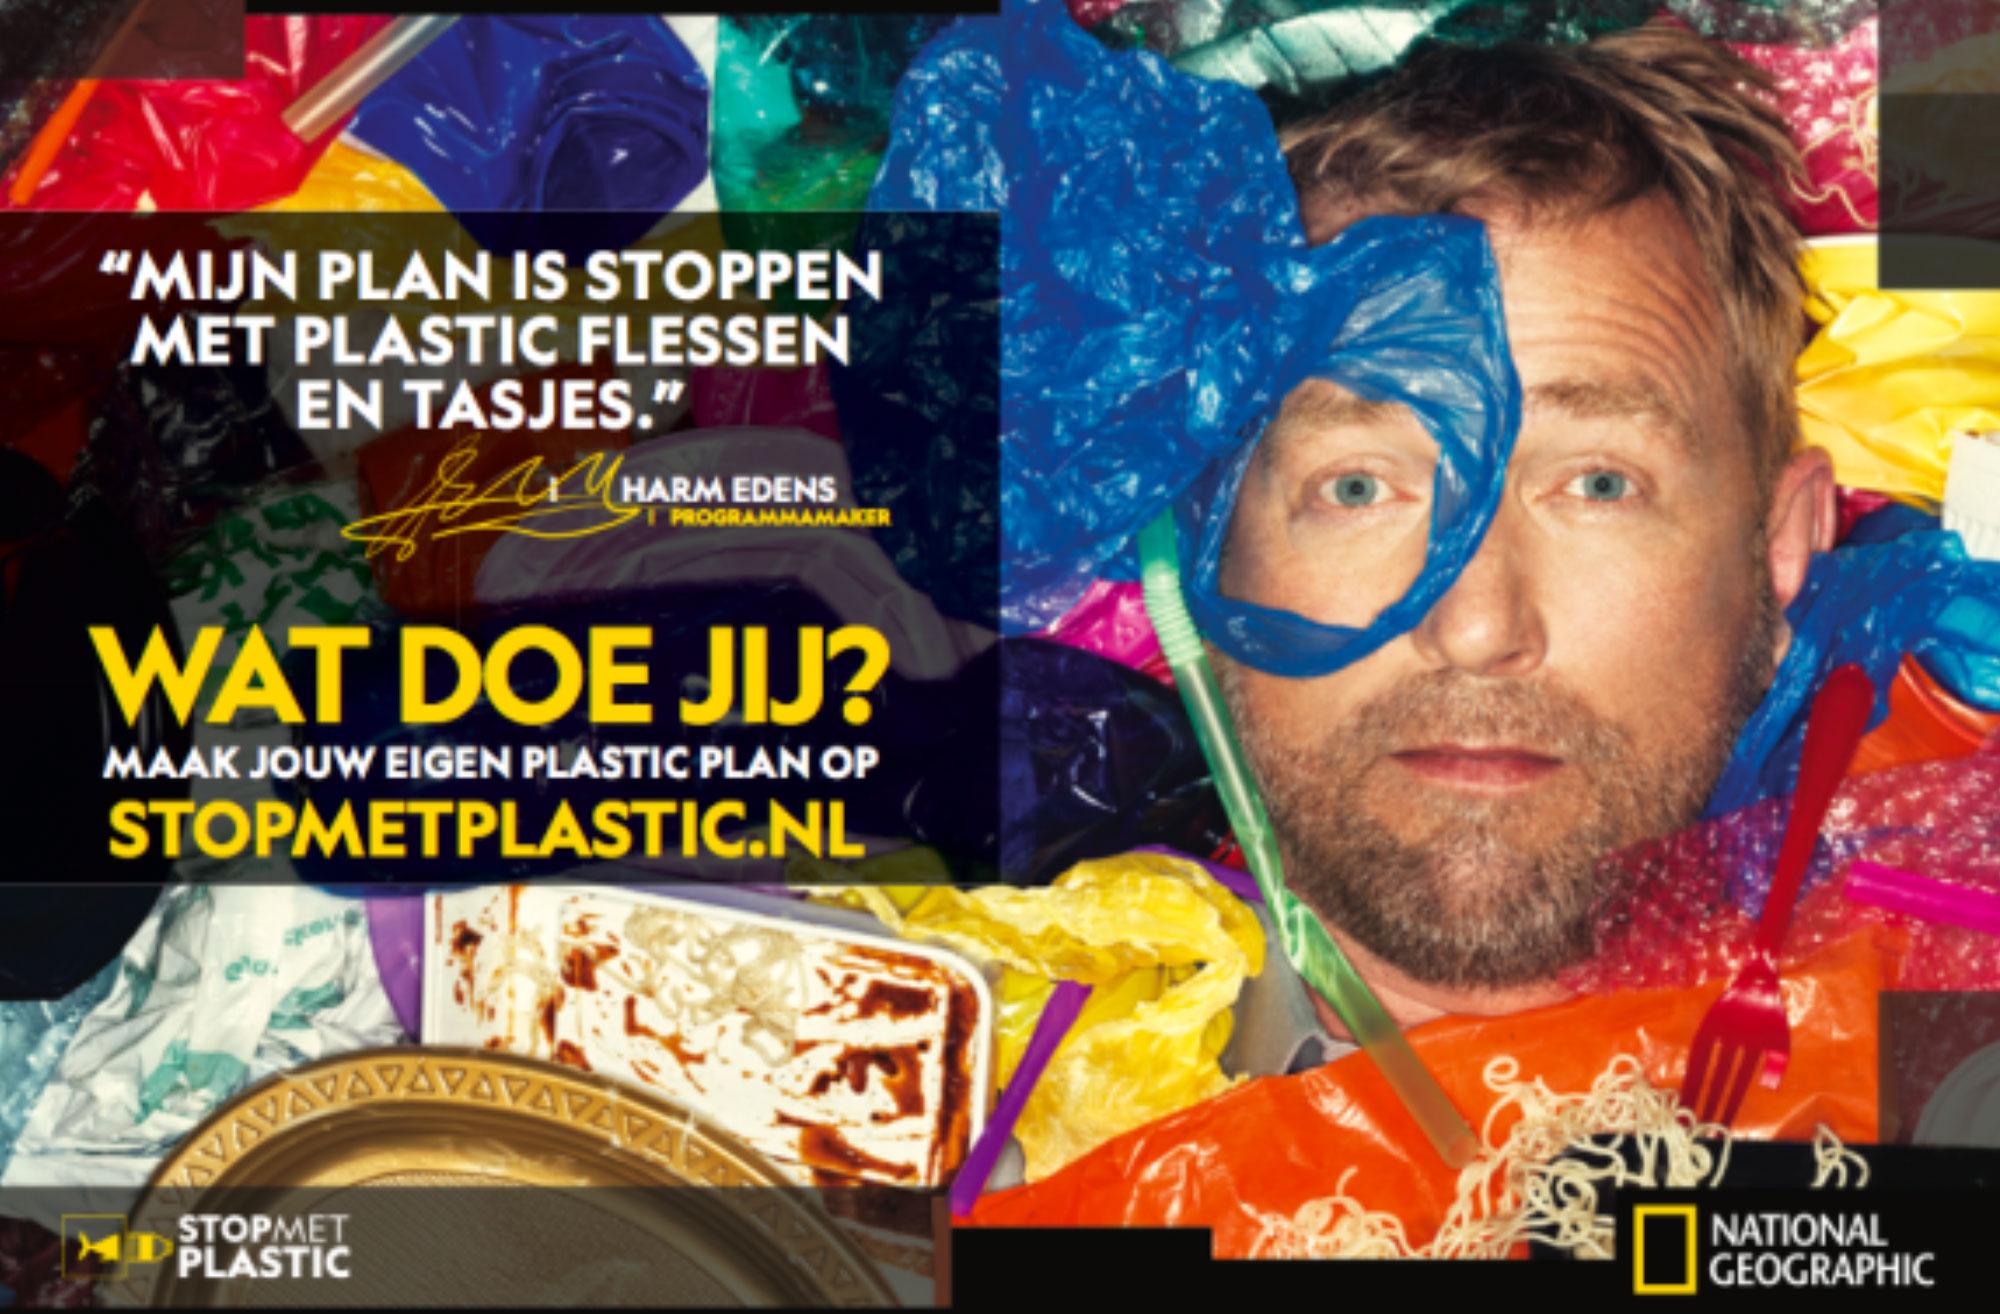 Harm Edens dit jaar ambassadeur National Geographic campagne 'Stop met Plastic'